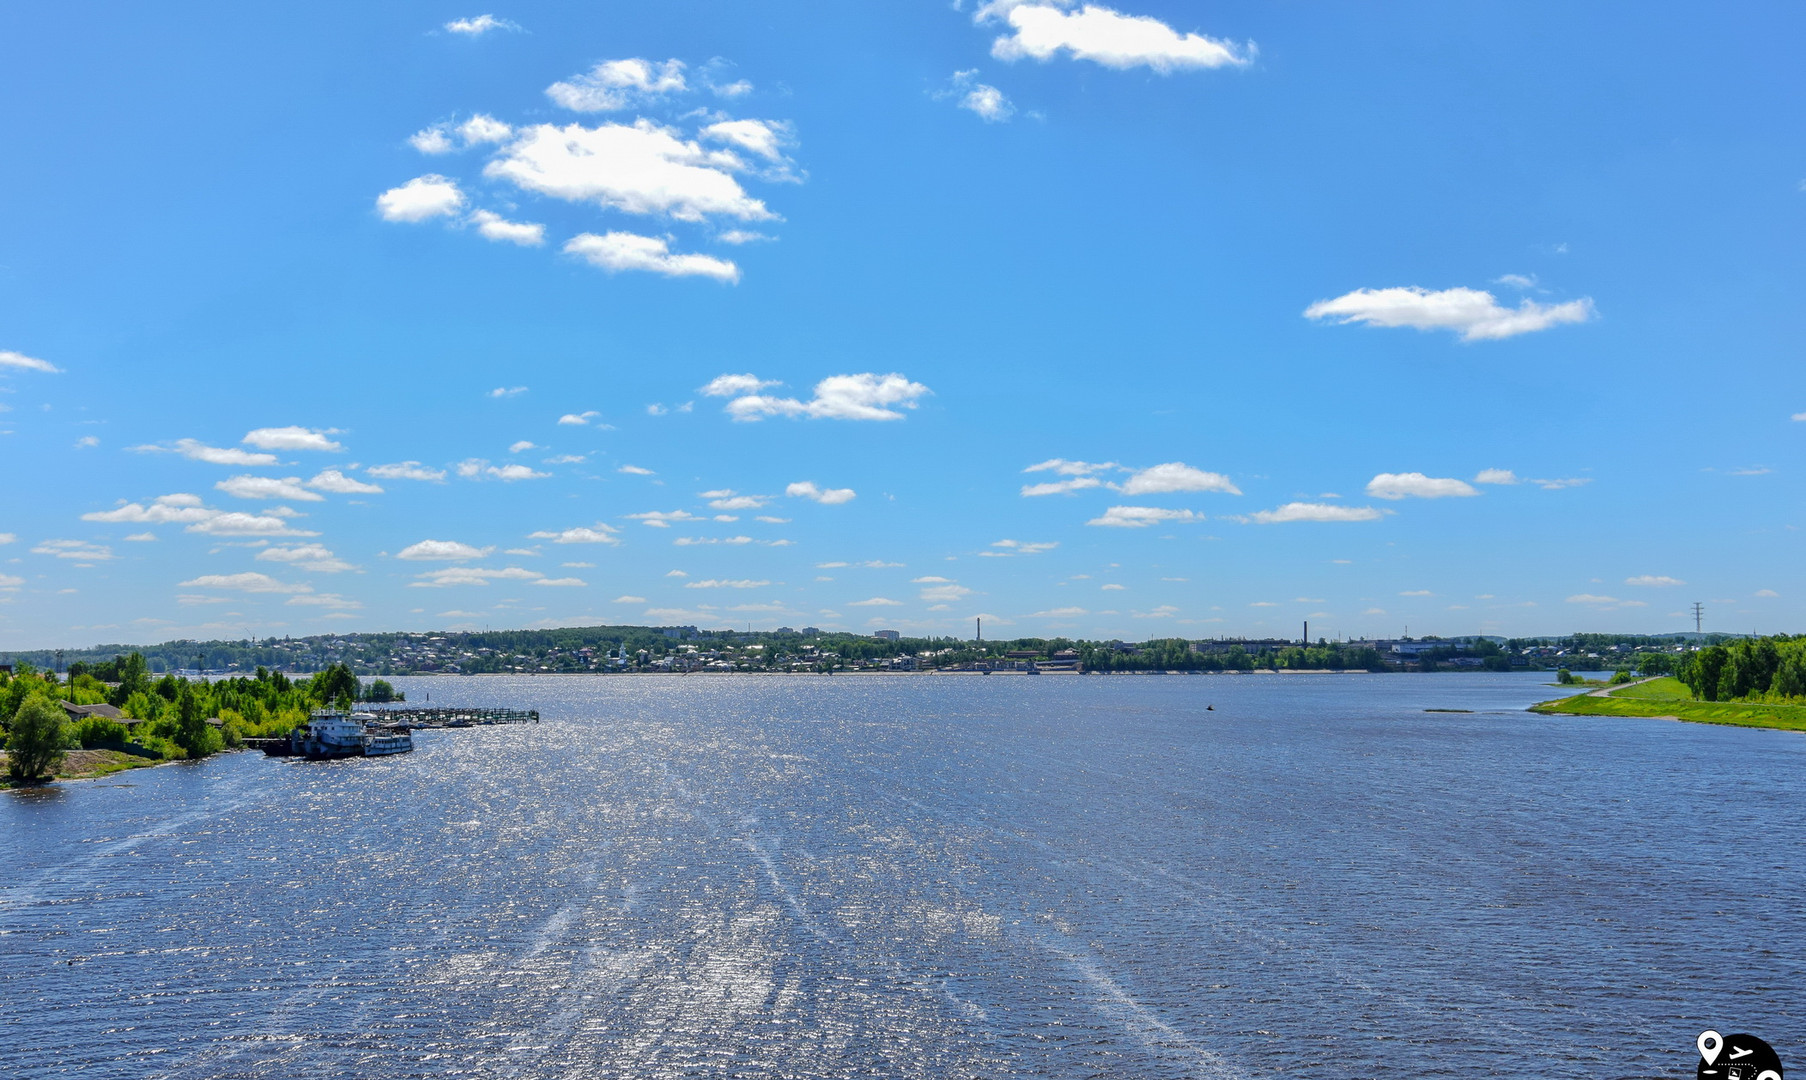 Arrow of the rivers Kostroma and Volga, Kostroma